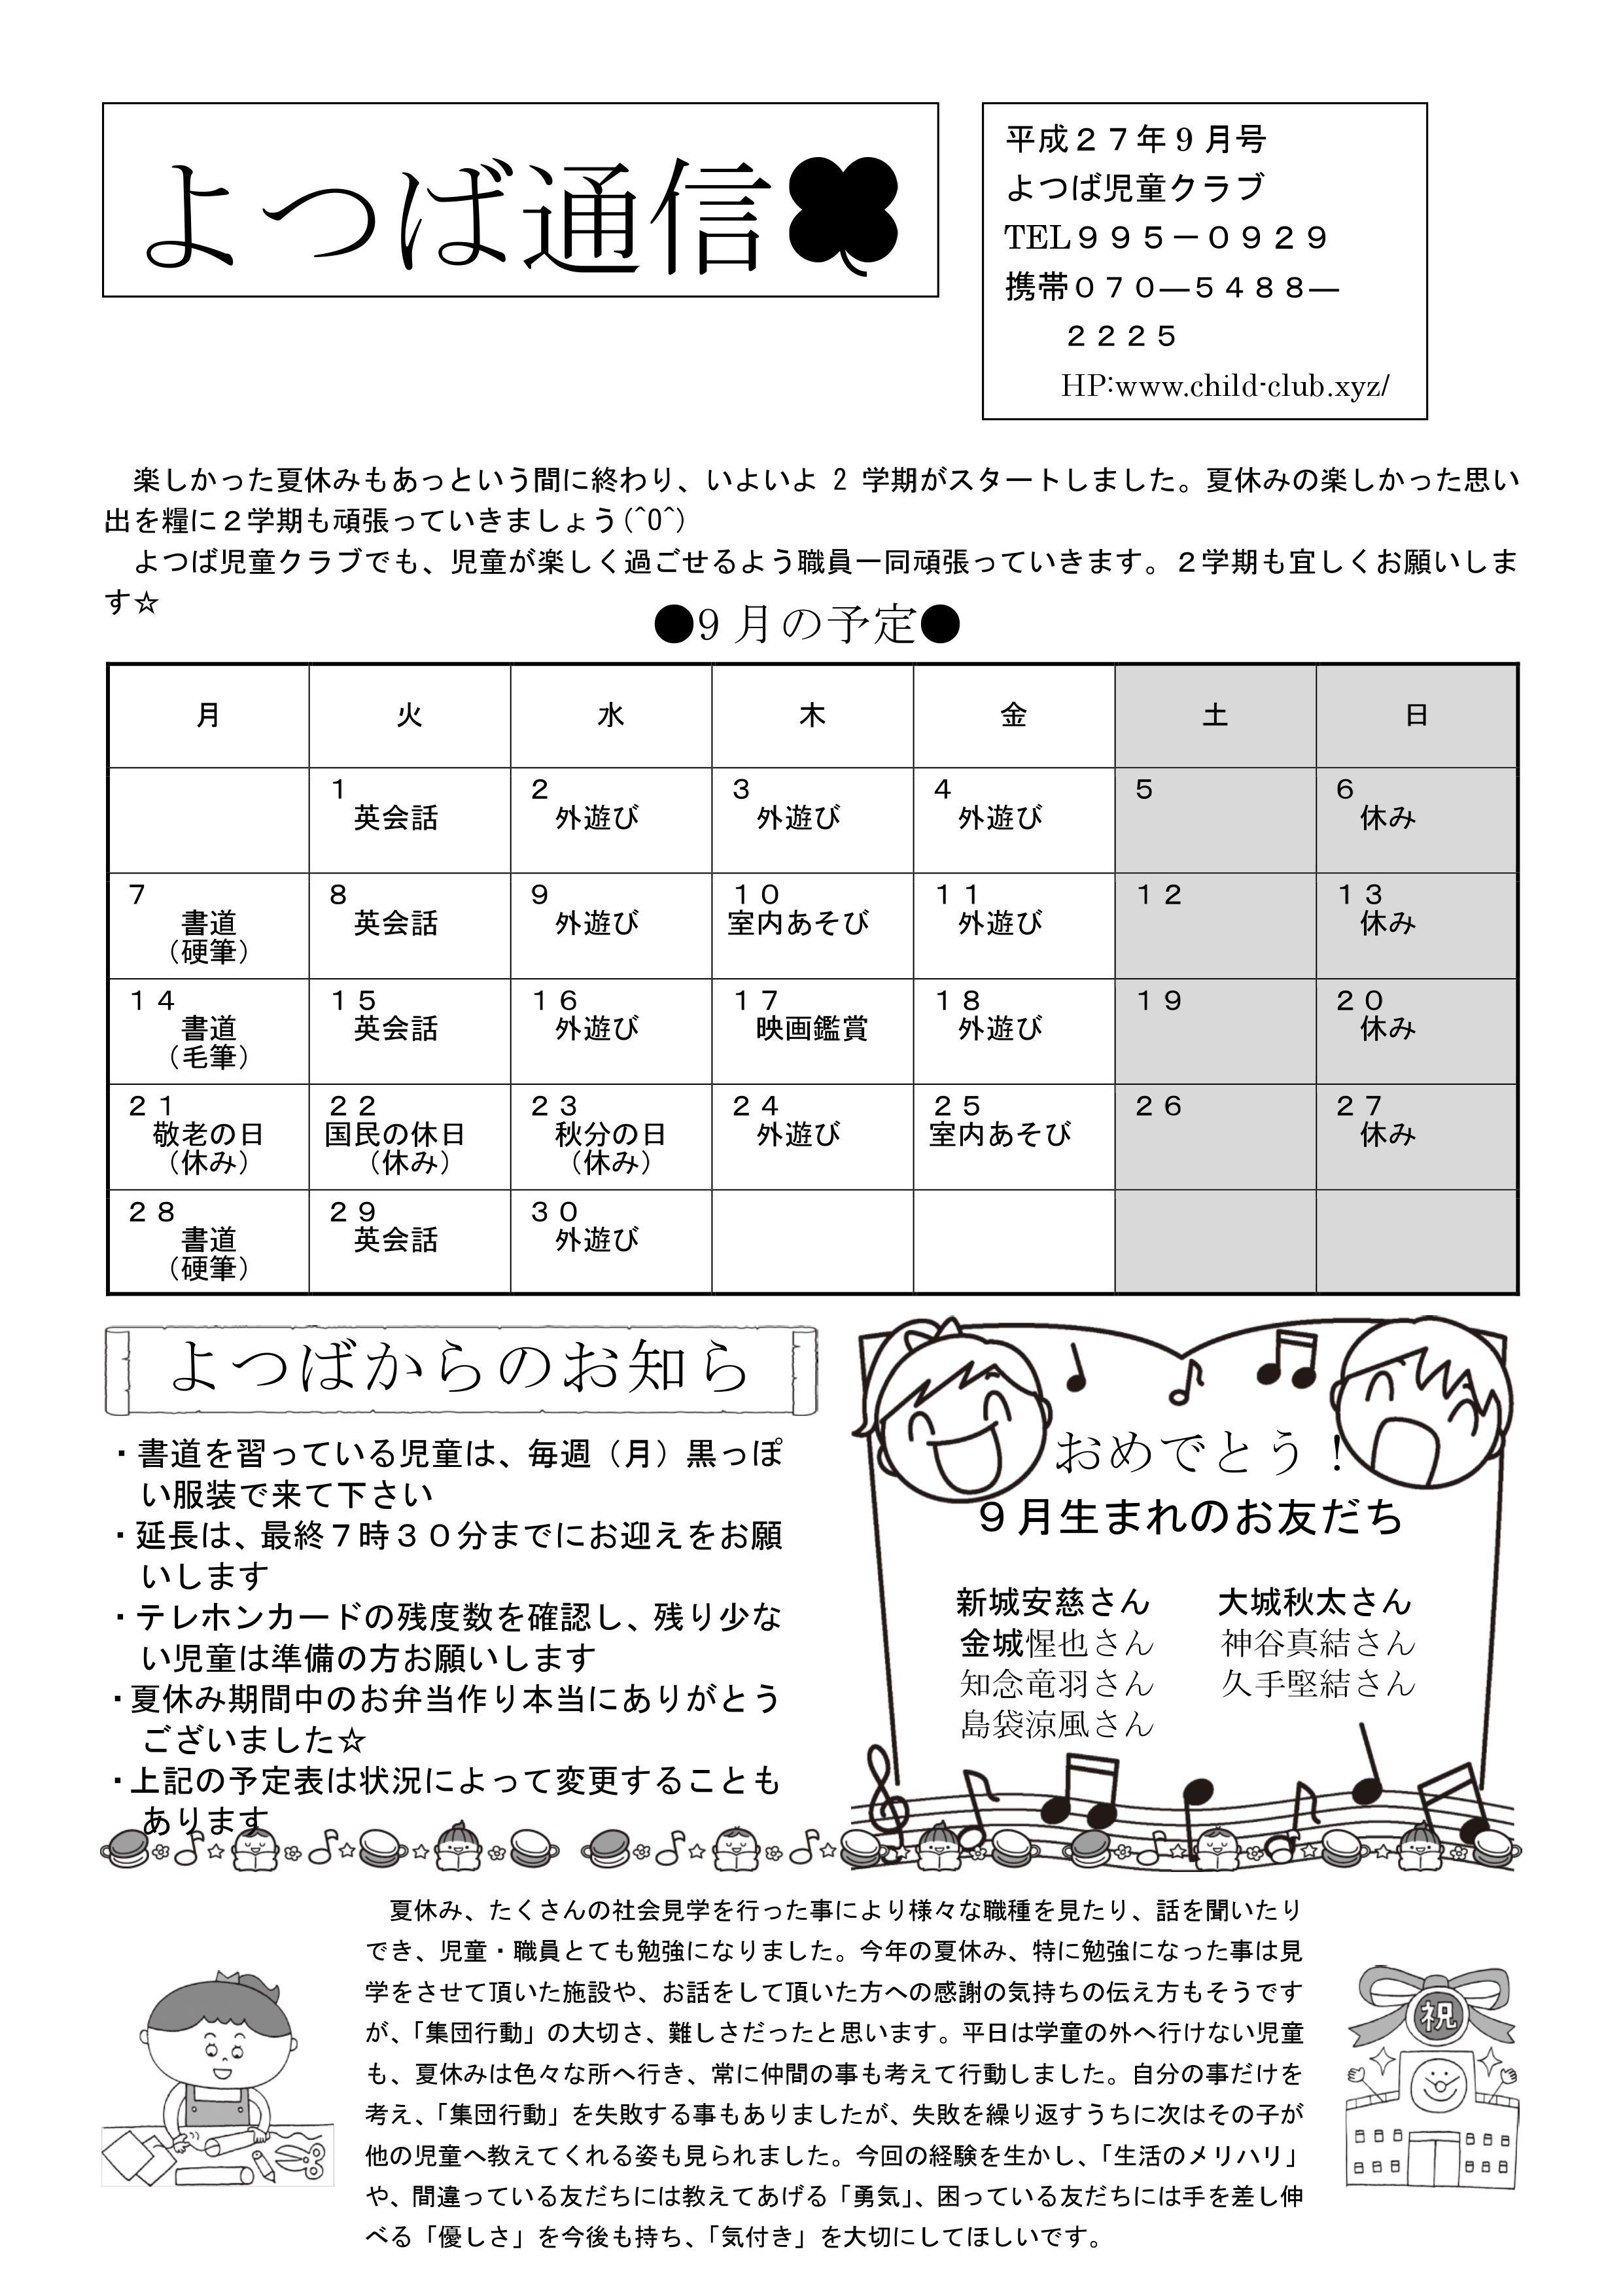 よつば児童クラブ : よつば通信平成27年9月